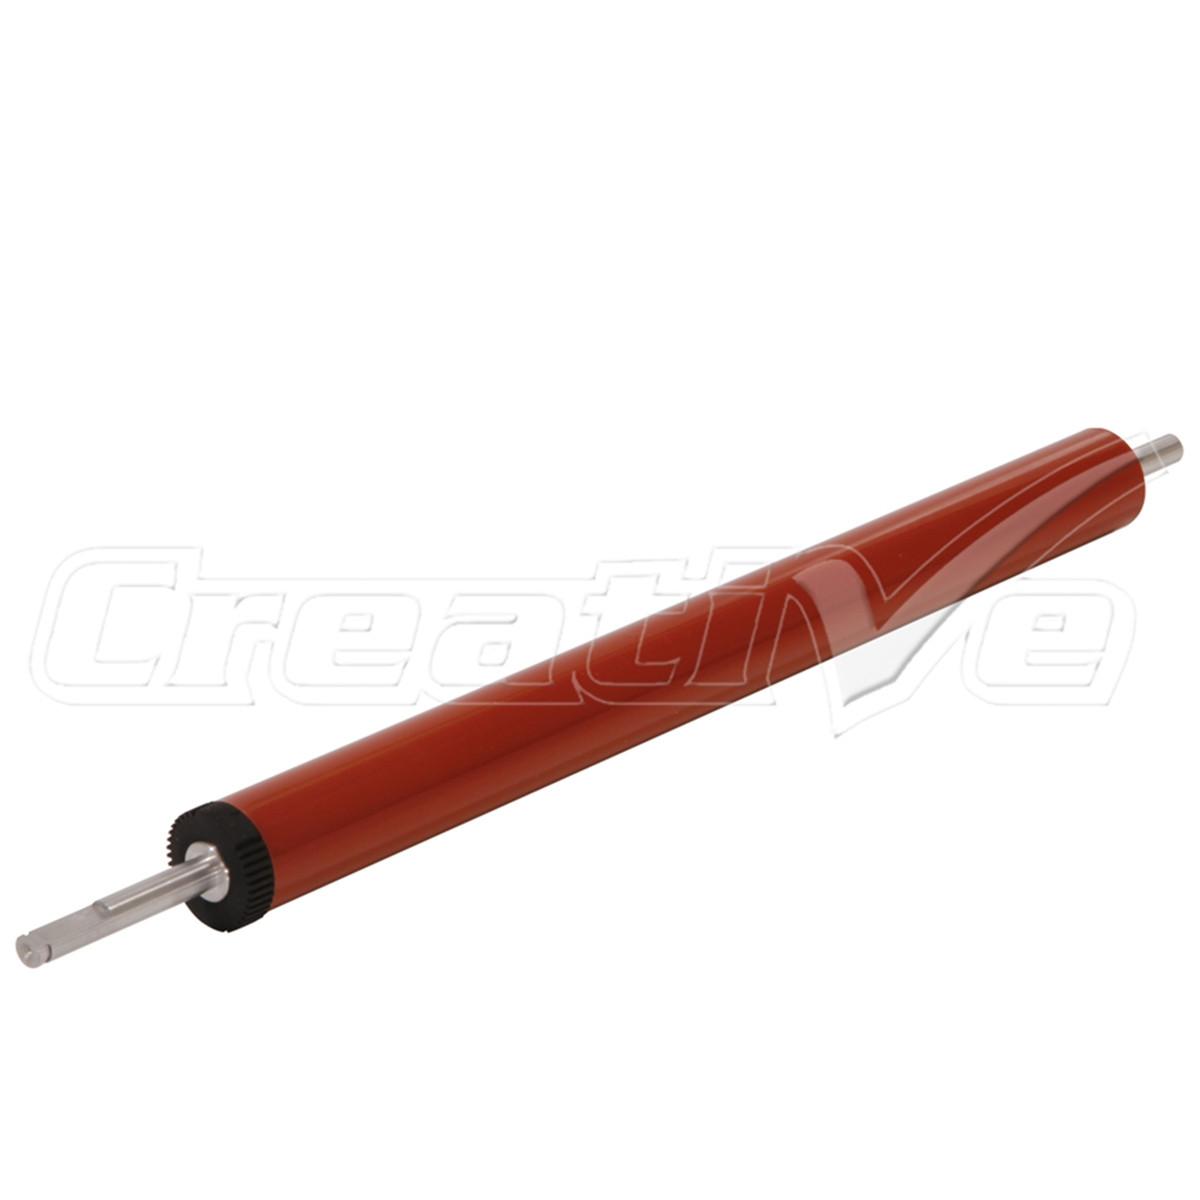 Rolo Pressão do Fusor HP 2100 2100M 2100SE 2100TN Canon IR1310 IR1510 | RF5-2601-000 | Compatível